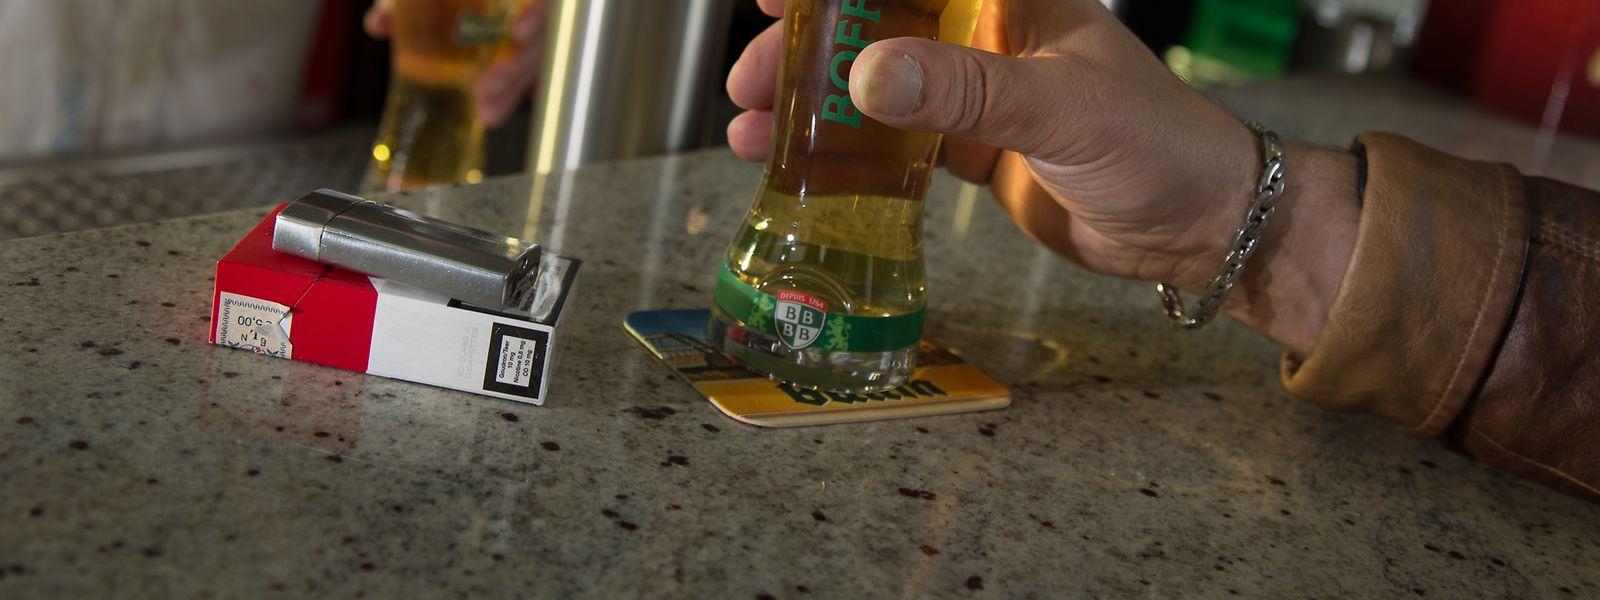 Der Griff zum Glimmstängel ist in den hiesigen Bars seit Januar 2014 untersagt, es sei denn, das Lokal verfügt über einen normgerechten Fumoir. 2018 wurden deren neun genehmigt.